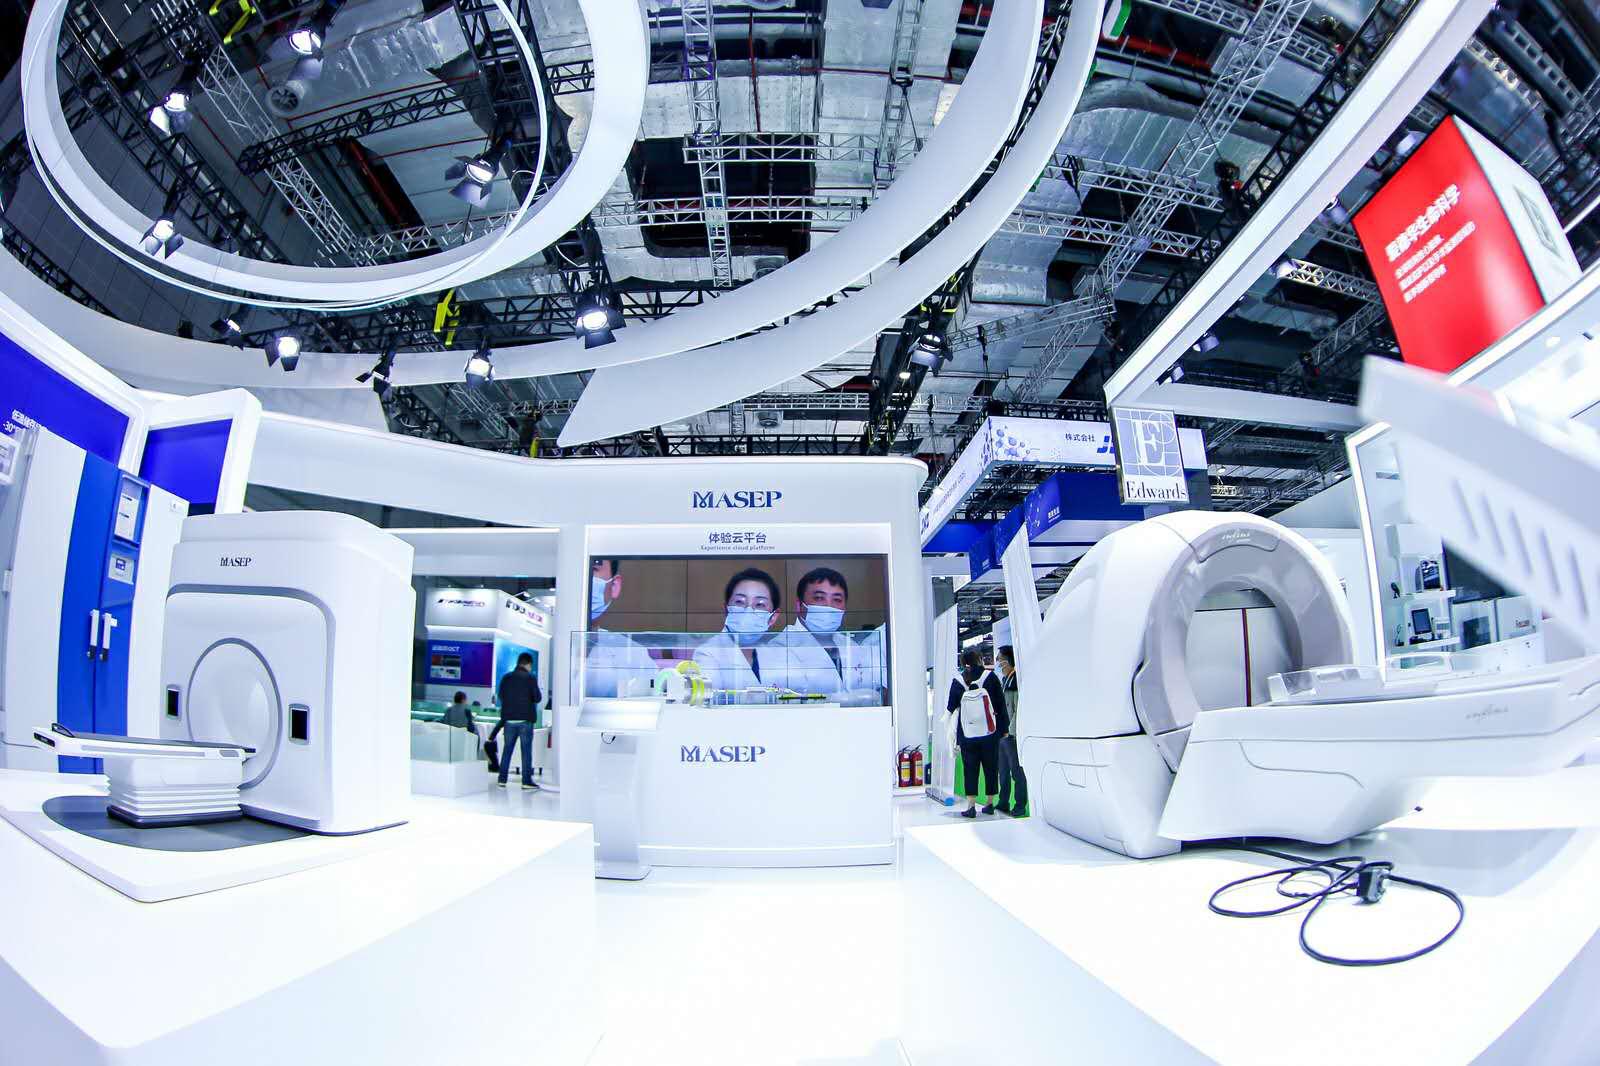 物联网强势赋能,进博会上看医疗生态场景的未来雏形